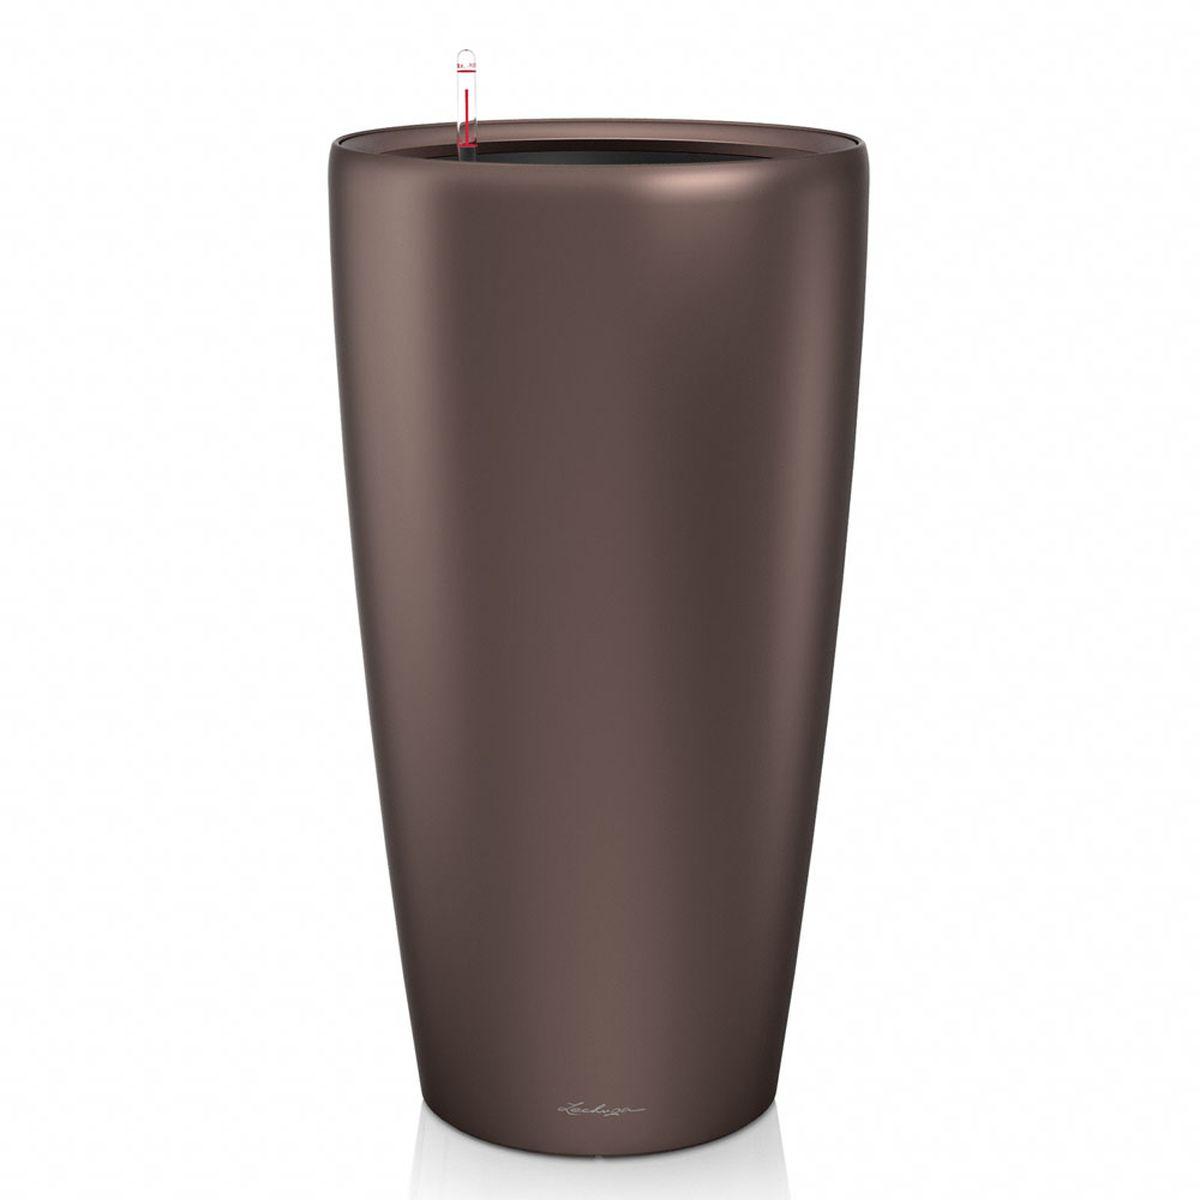 Кашпо с автополивом Lechuza Rondo 40х75 см, эспрессоZ-0307Изящная форма кашпо RONDO является одновременно элегантной и несложной, и позволяет представить в выгодном свете любое растение. Сочетание кашпо с моделями CLASSICO идеально дополняет общую картину.Особые преимущества:- Всегда элегантный дизайн кашпо, соответствующий серии CLASSICO- Совершенная форма кашпо, для самых разных растений и позицийВнутренний горшок с выдвижными ручками обеспечивает:- Легкую переноску даже высоких растений- Легкую смену растений